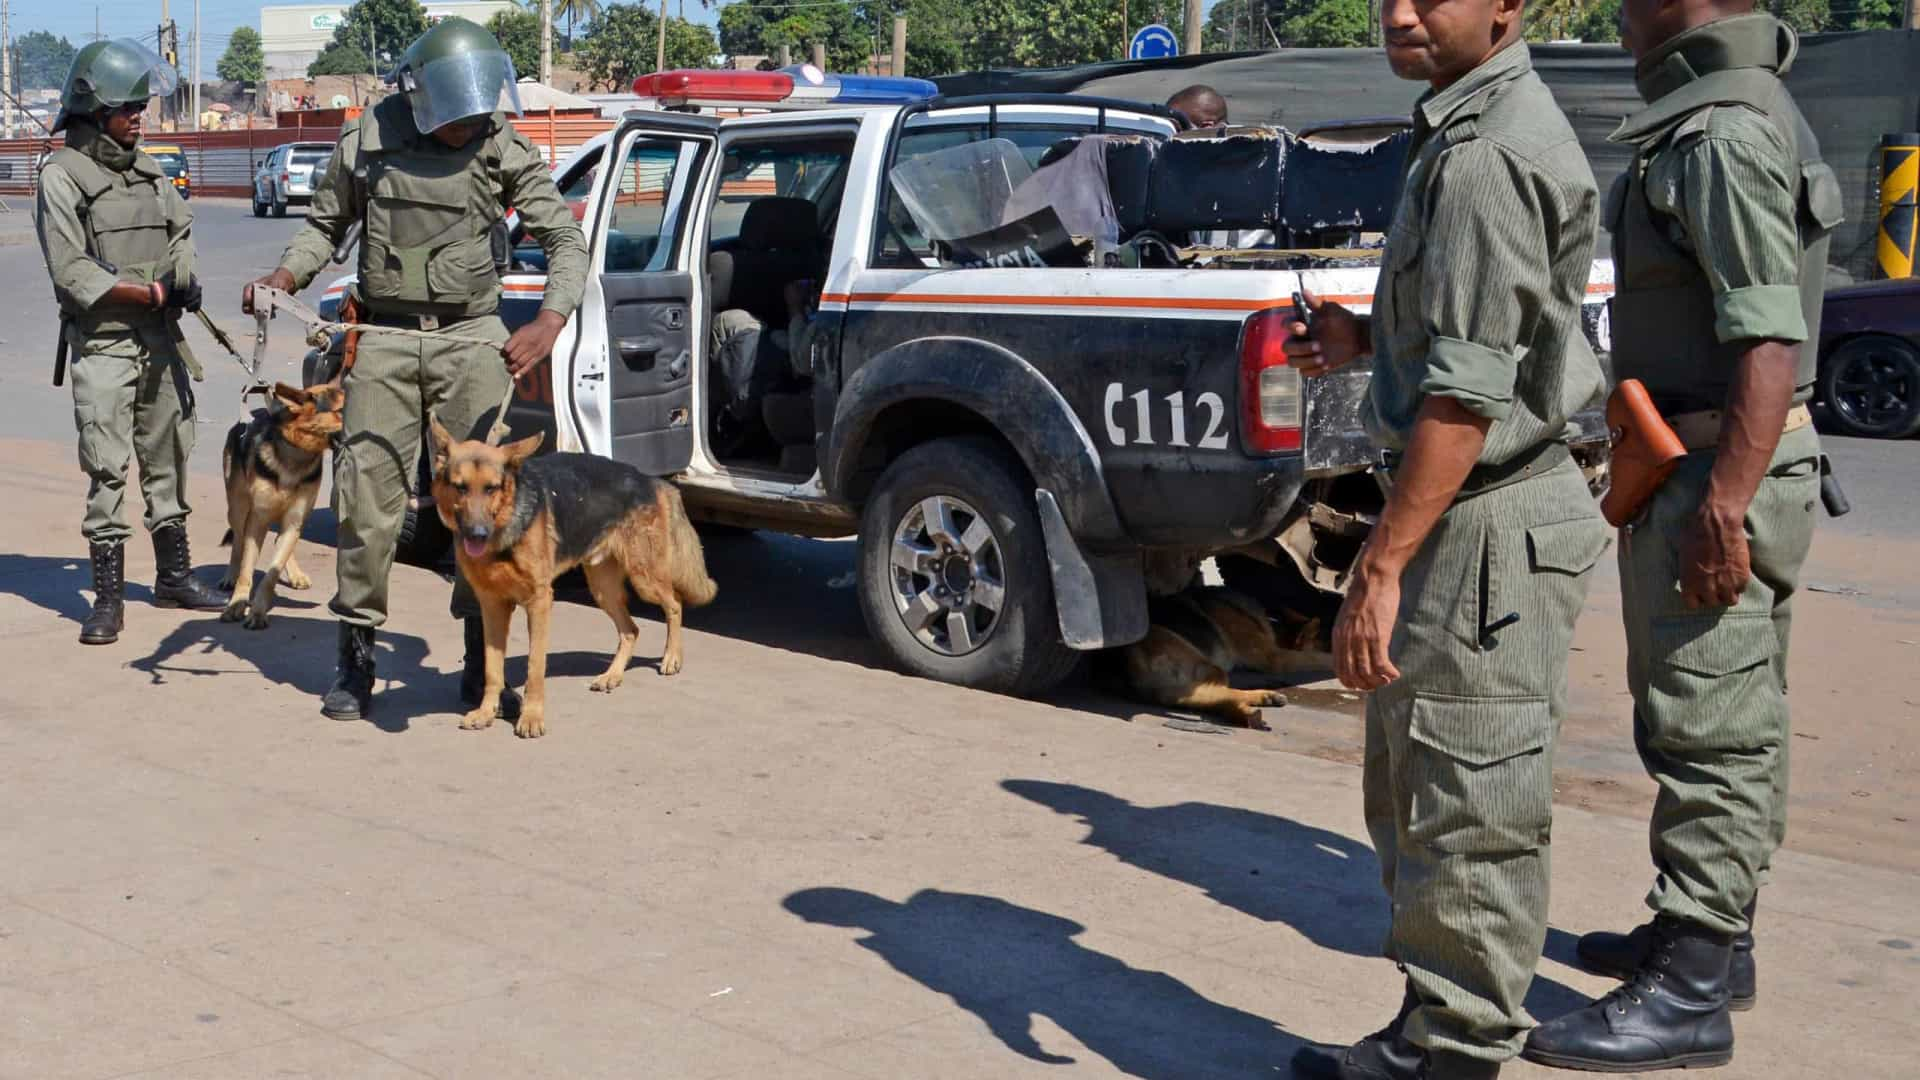 Três detidos por crimes violentos fugiram do comando da polícia em Maputo